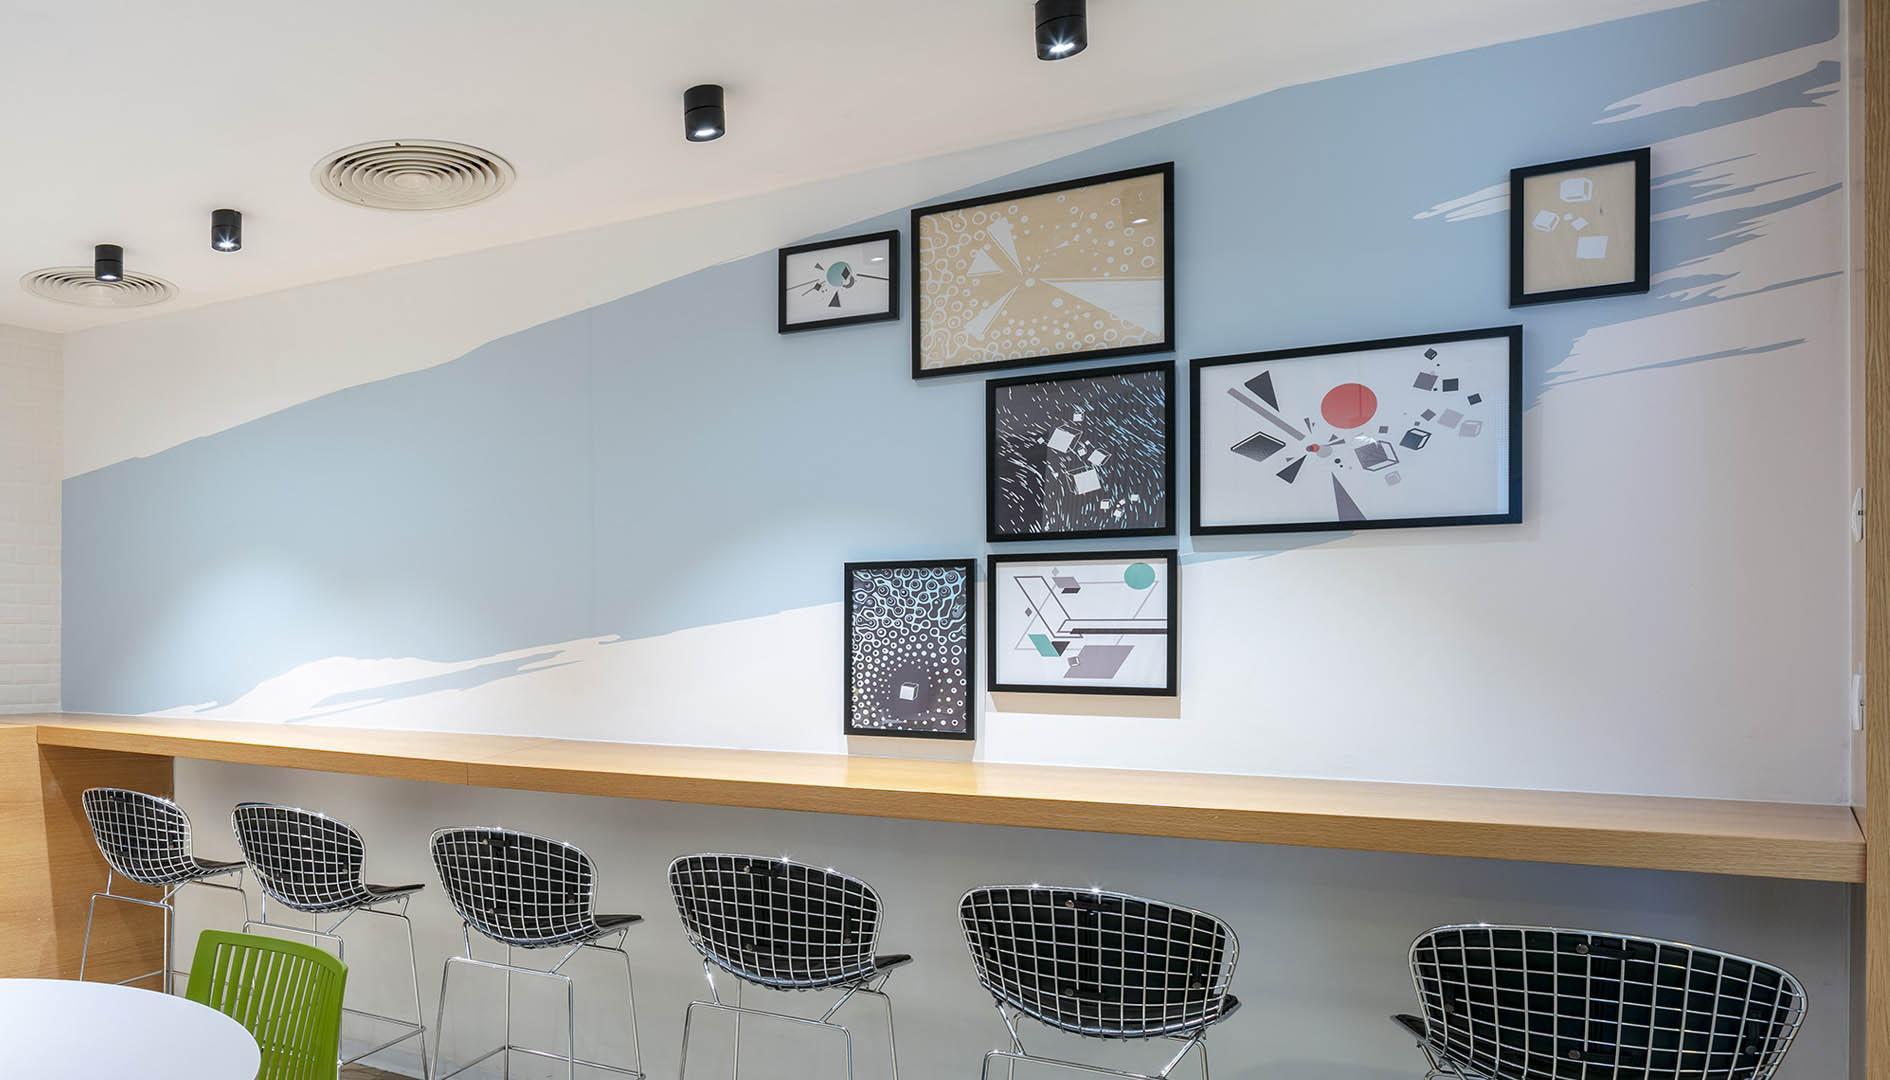 עיצוב משרדים | מיתוג גרפי | חברת אנסילו | עיצוב תעשיתי | עיצוב מוצר | עיצוב גרפי במרחב | מיתוג משרדים | עיצוב חללי עבודה | עיצוב קירות | עיצוב משרדים | מיתוג גרפי